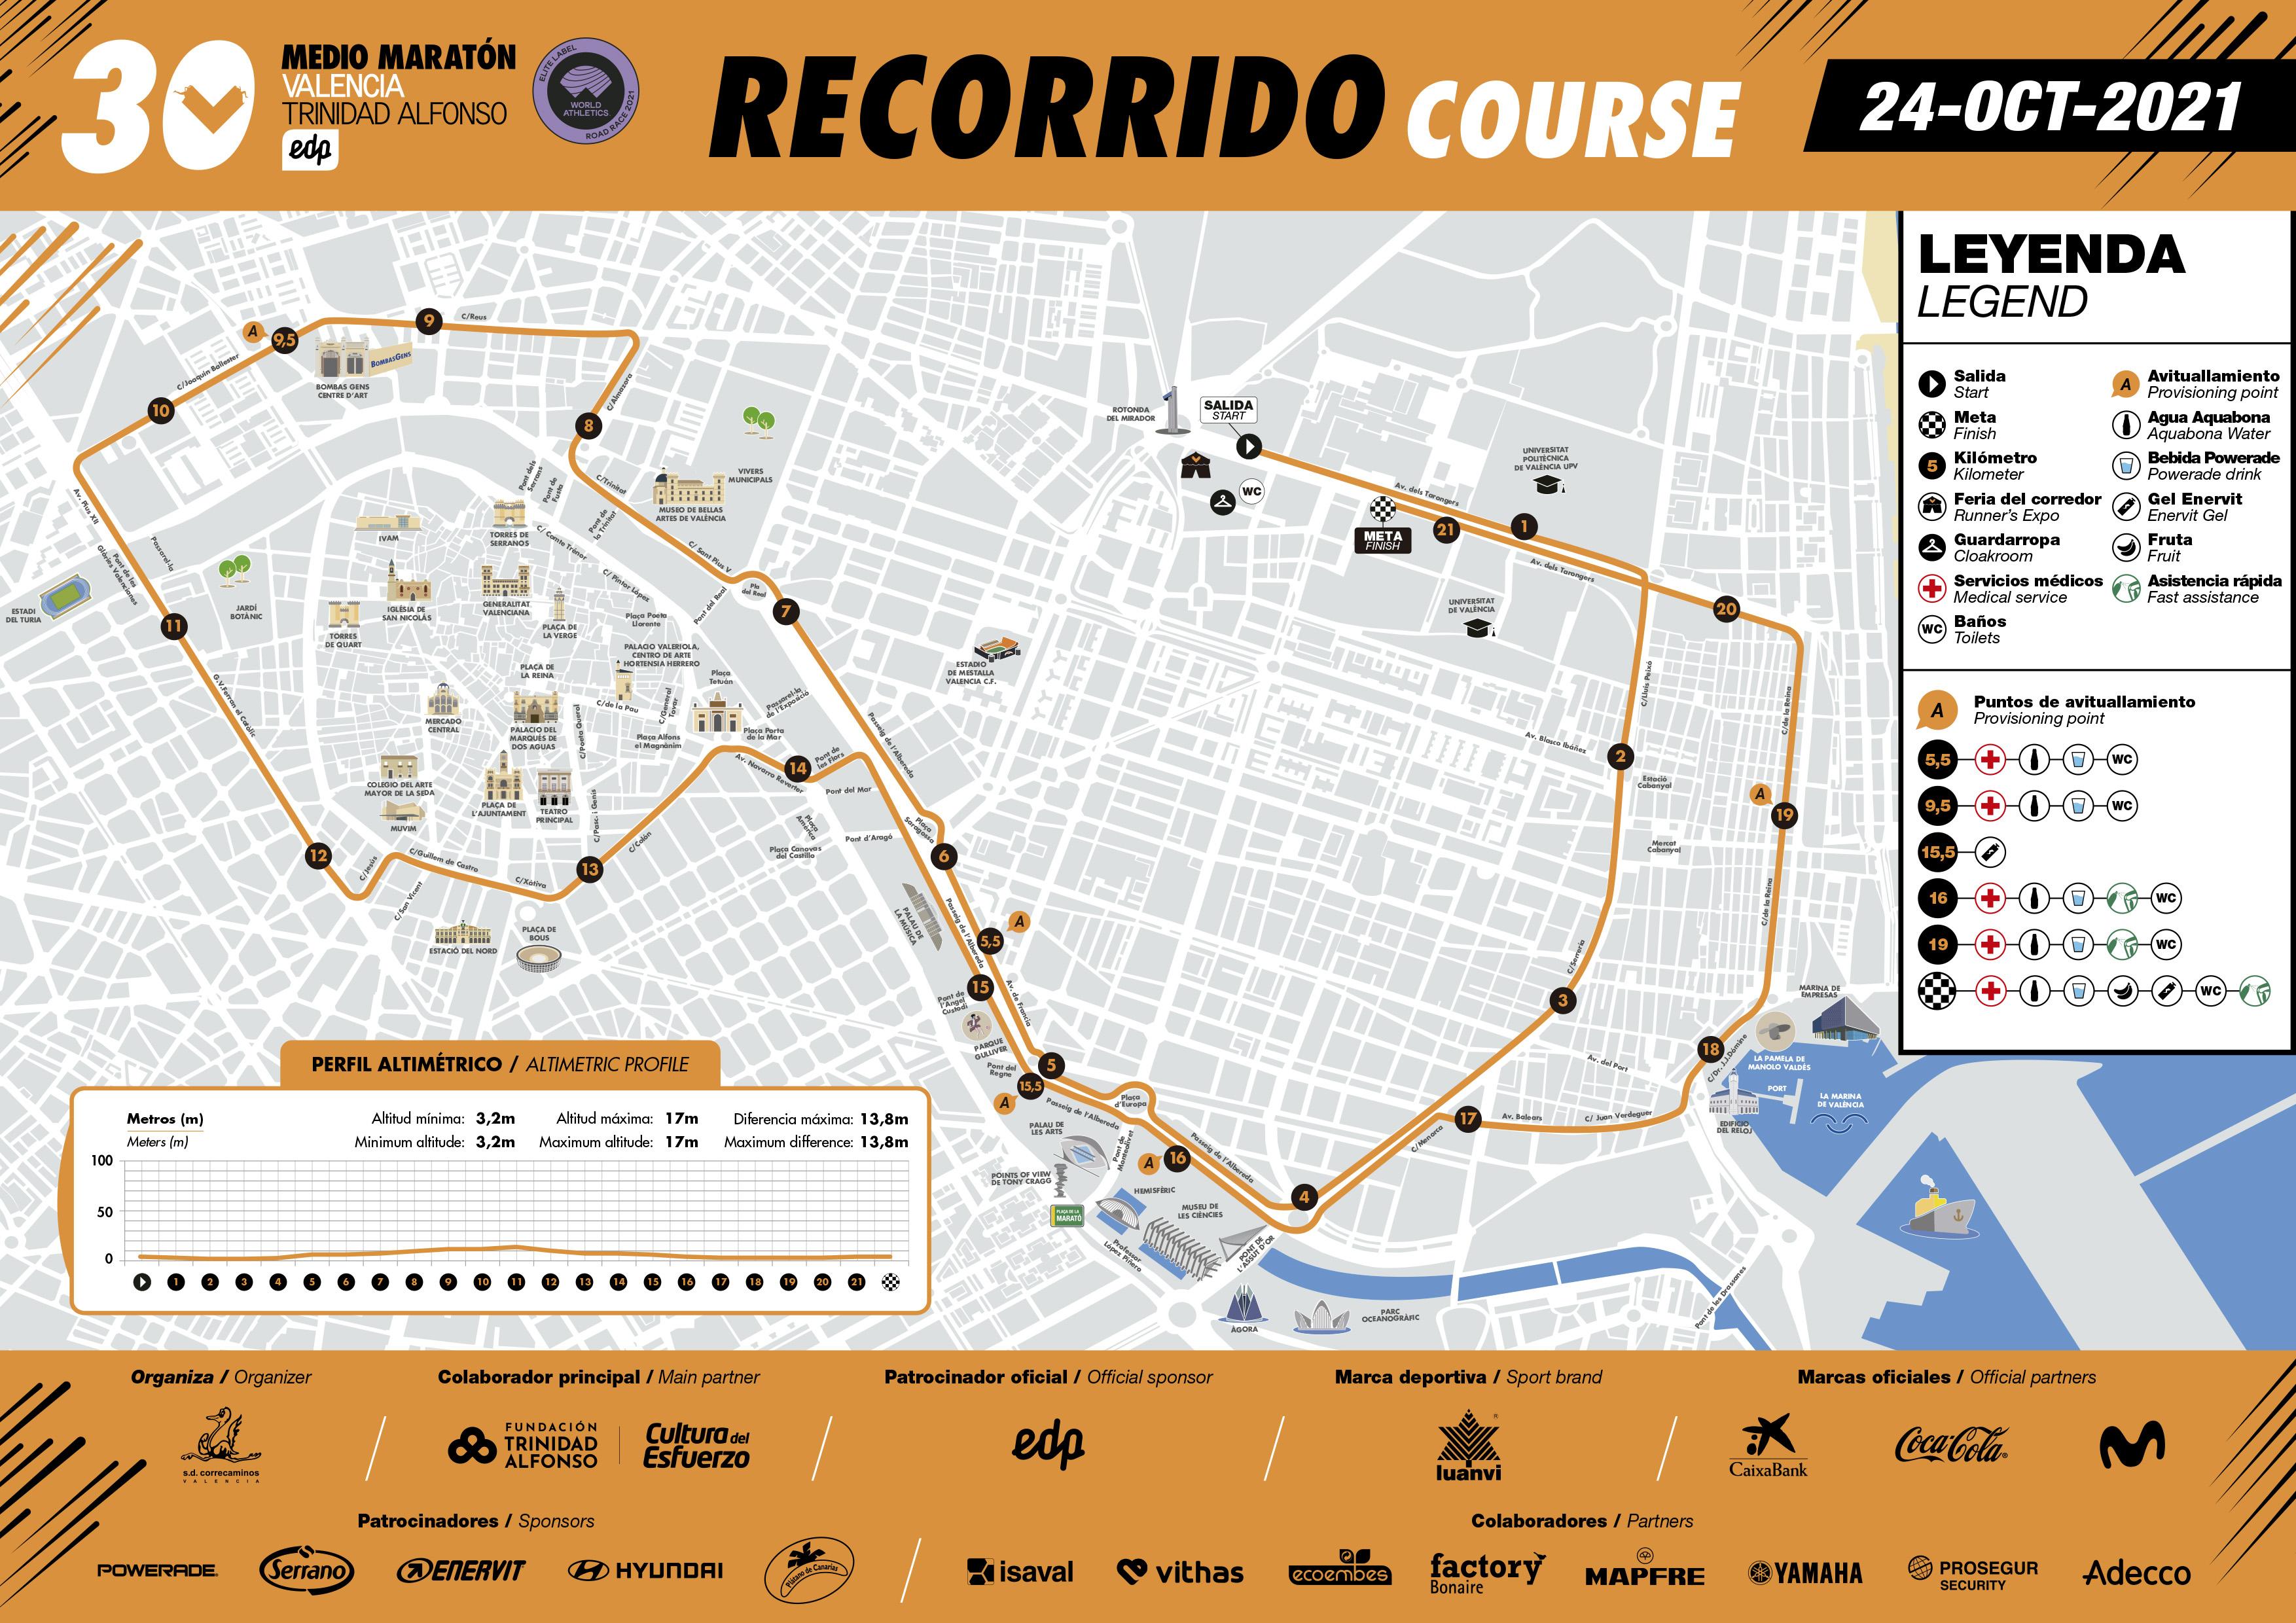 CIRCUITO NUEVO media maraton valencia 2021